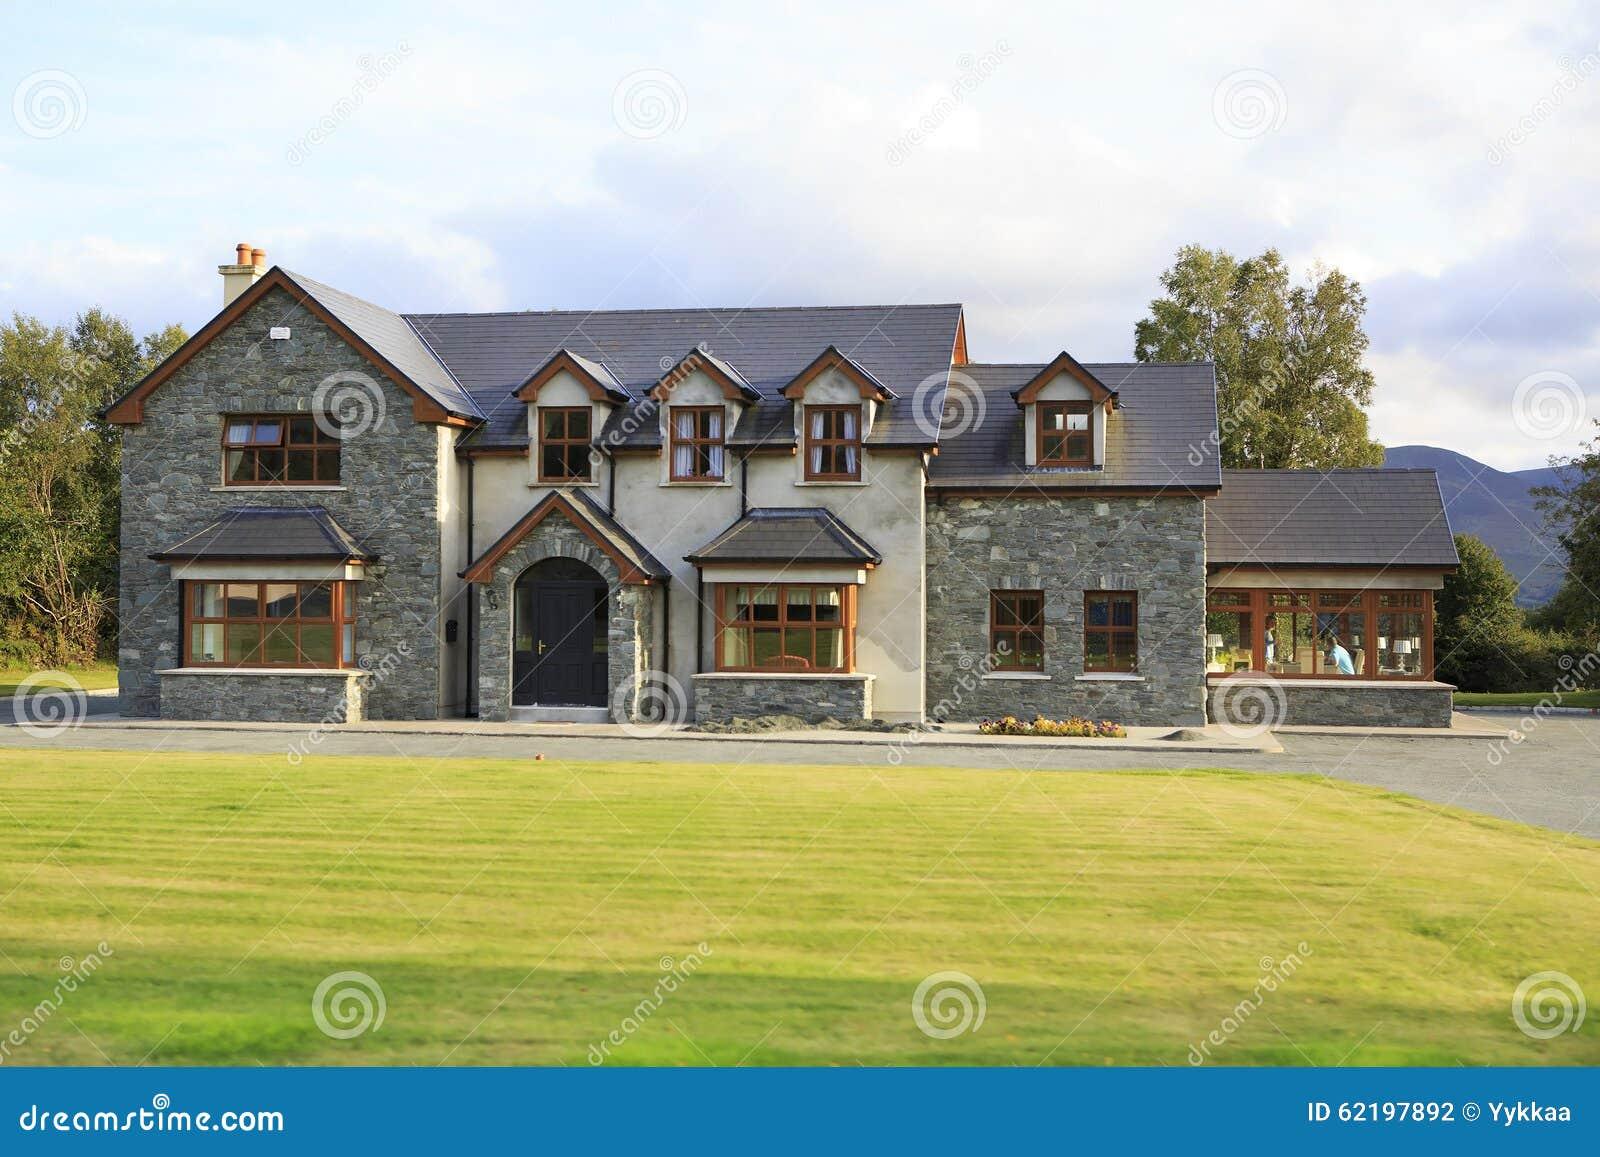 Casas de campo residenciales hermosas en irlanda for Casas de campo hermosas